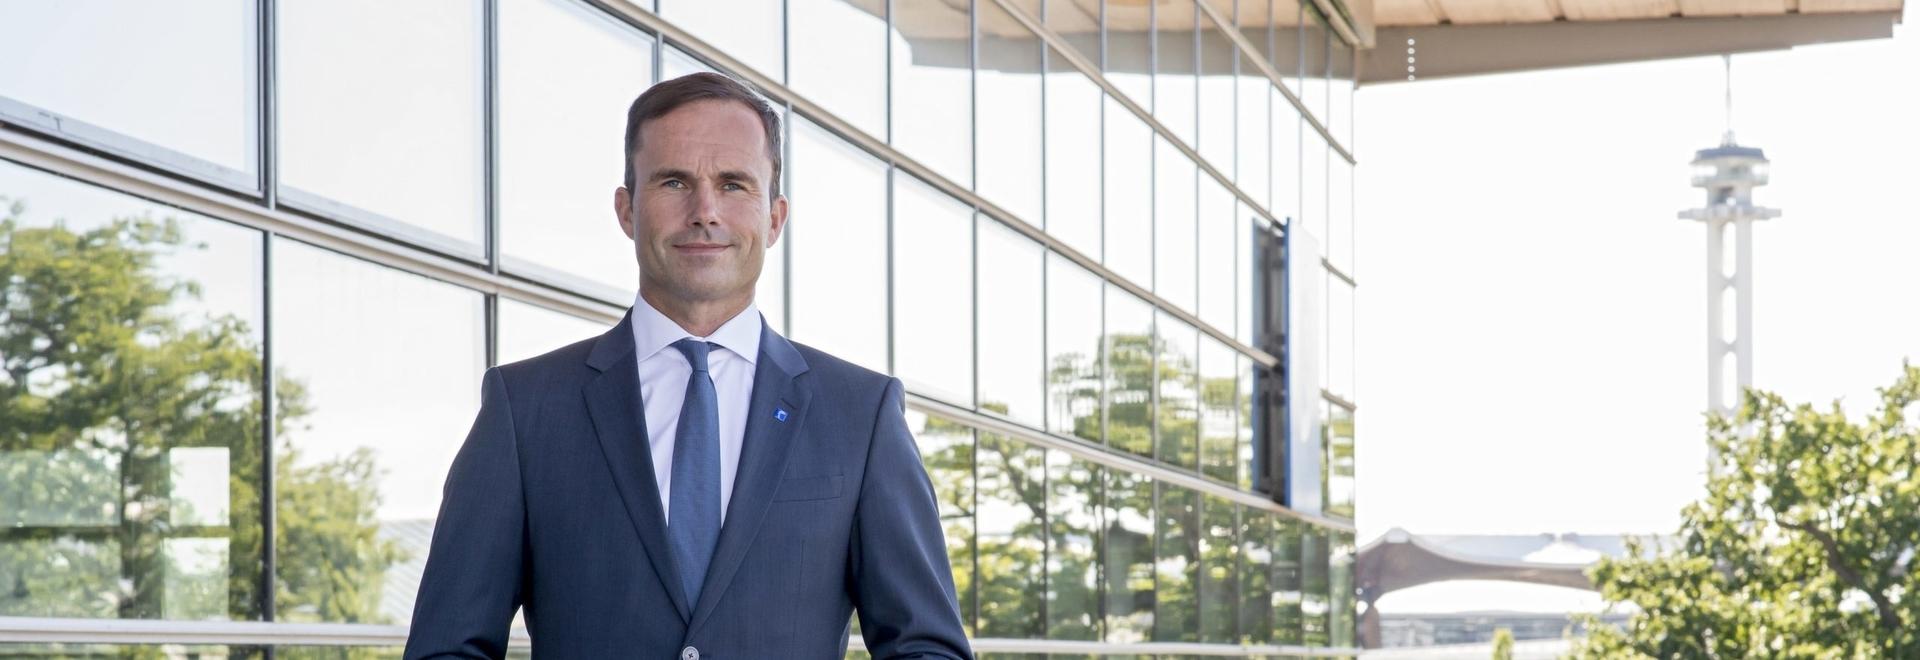 Dr. Jochen Köckler Président-directeur général Deutsche Messe AG